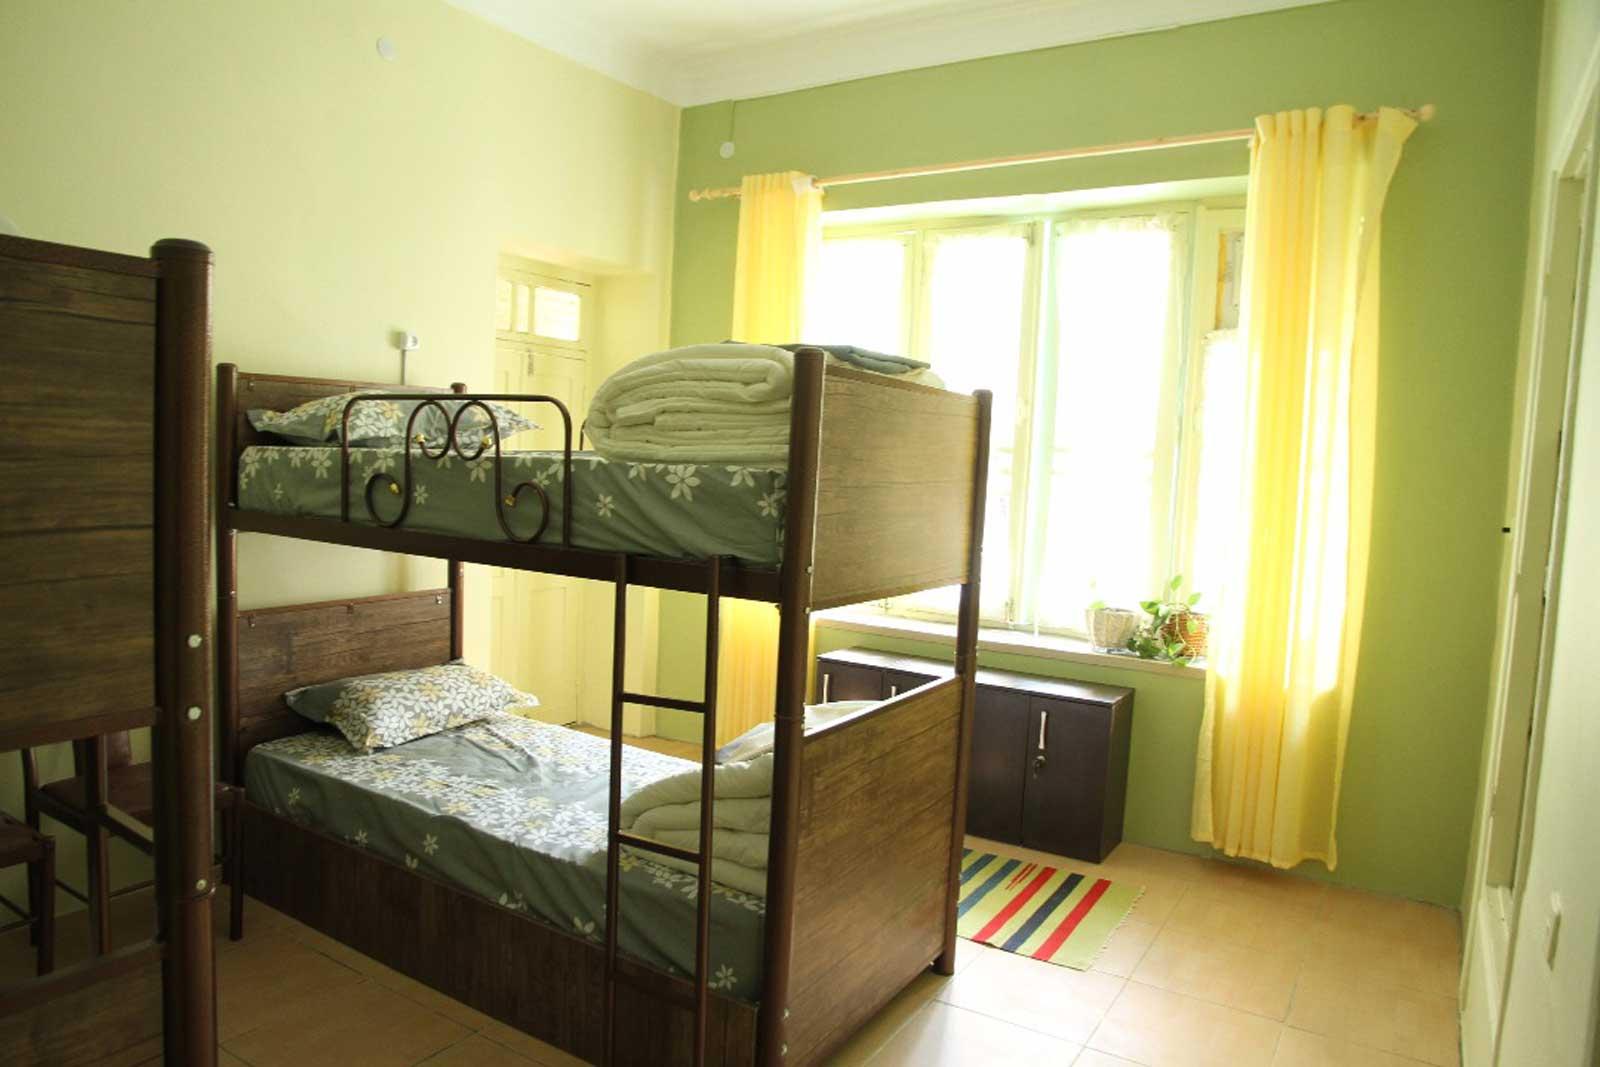 Cedar hostel dorm room